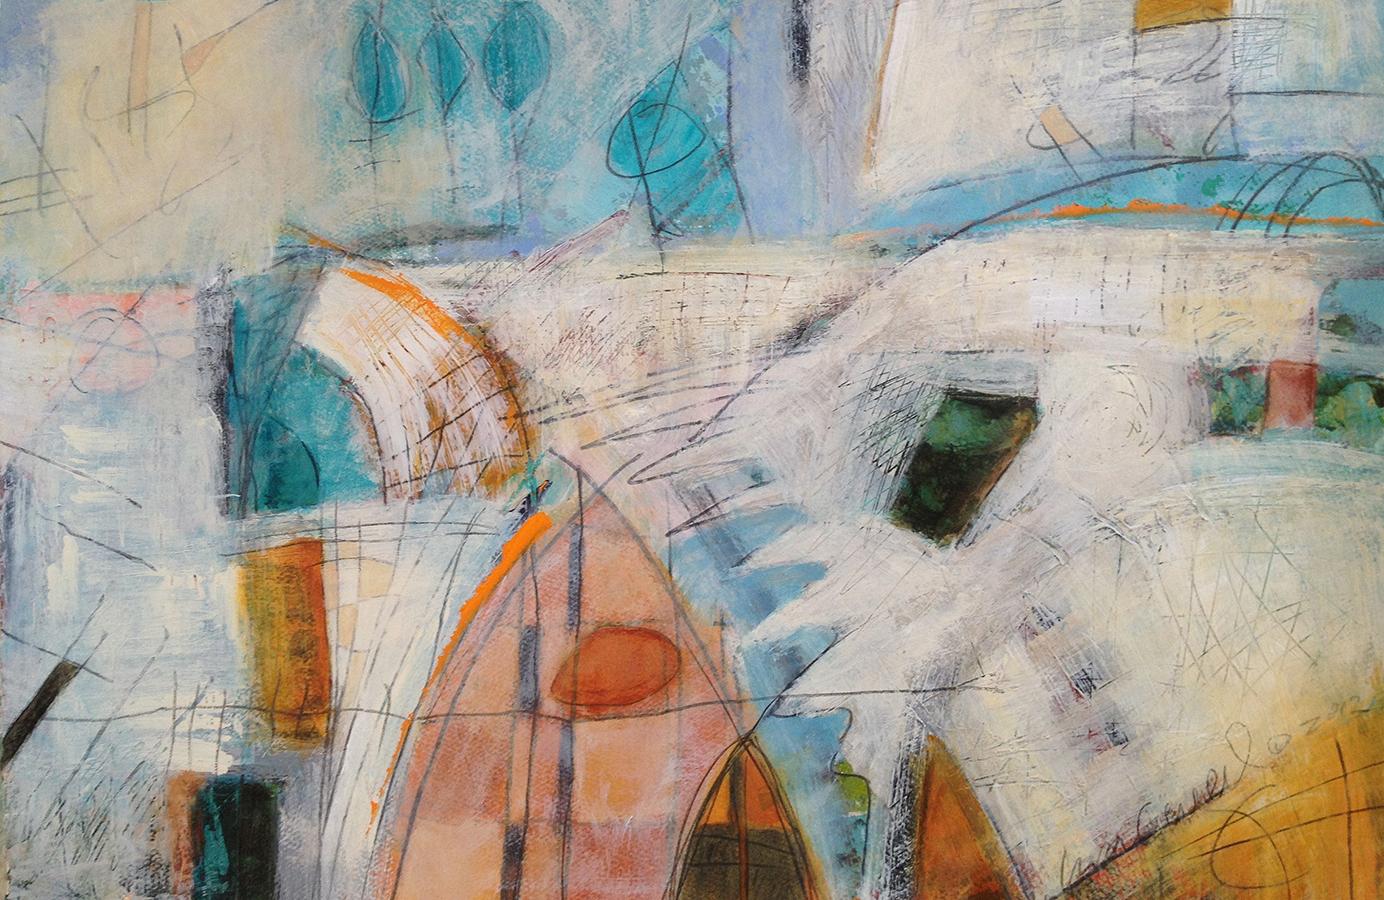 Lisa Creed - Take Five - Acrylic/graphite on panel: 2011 700.00